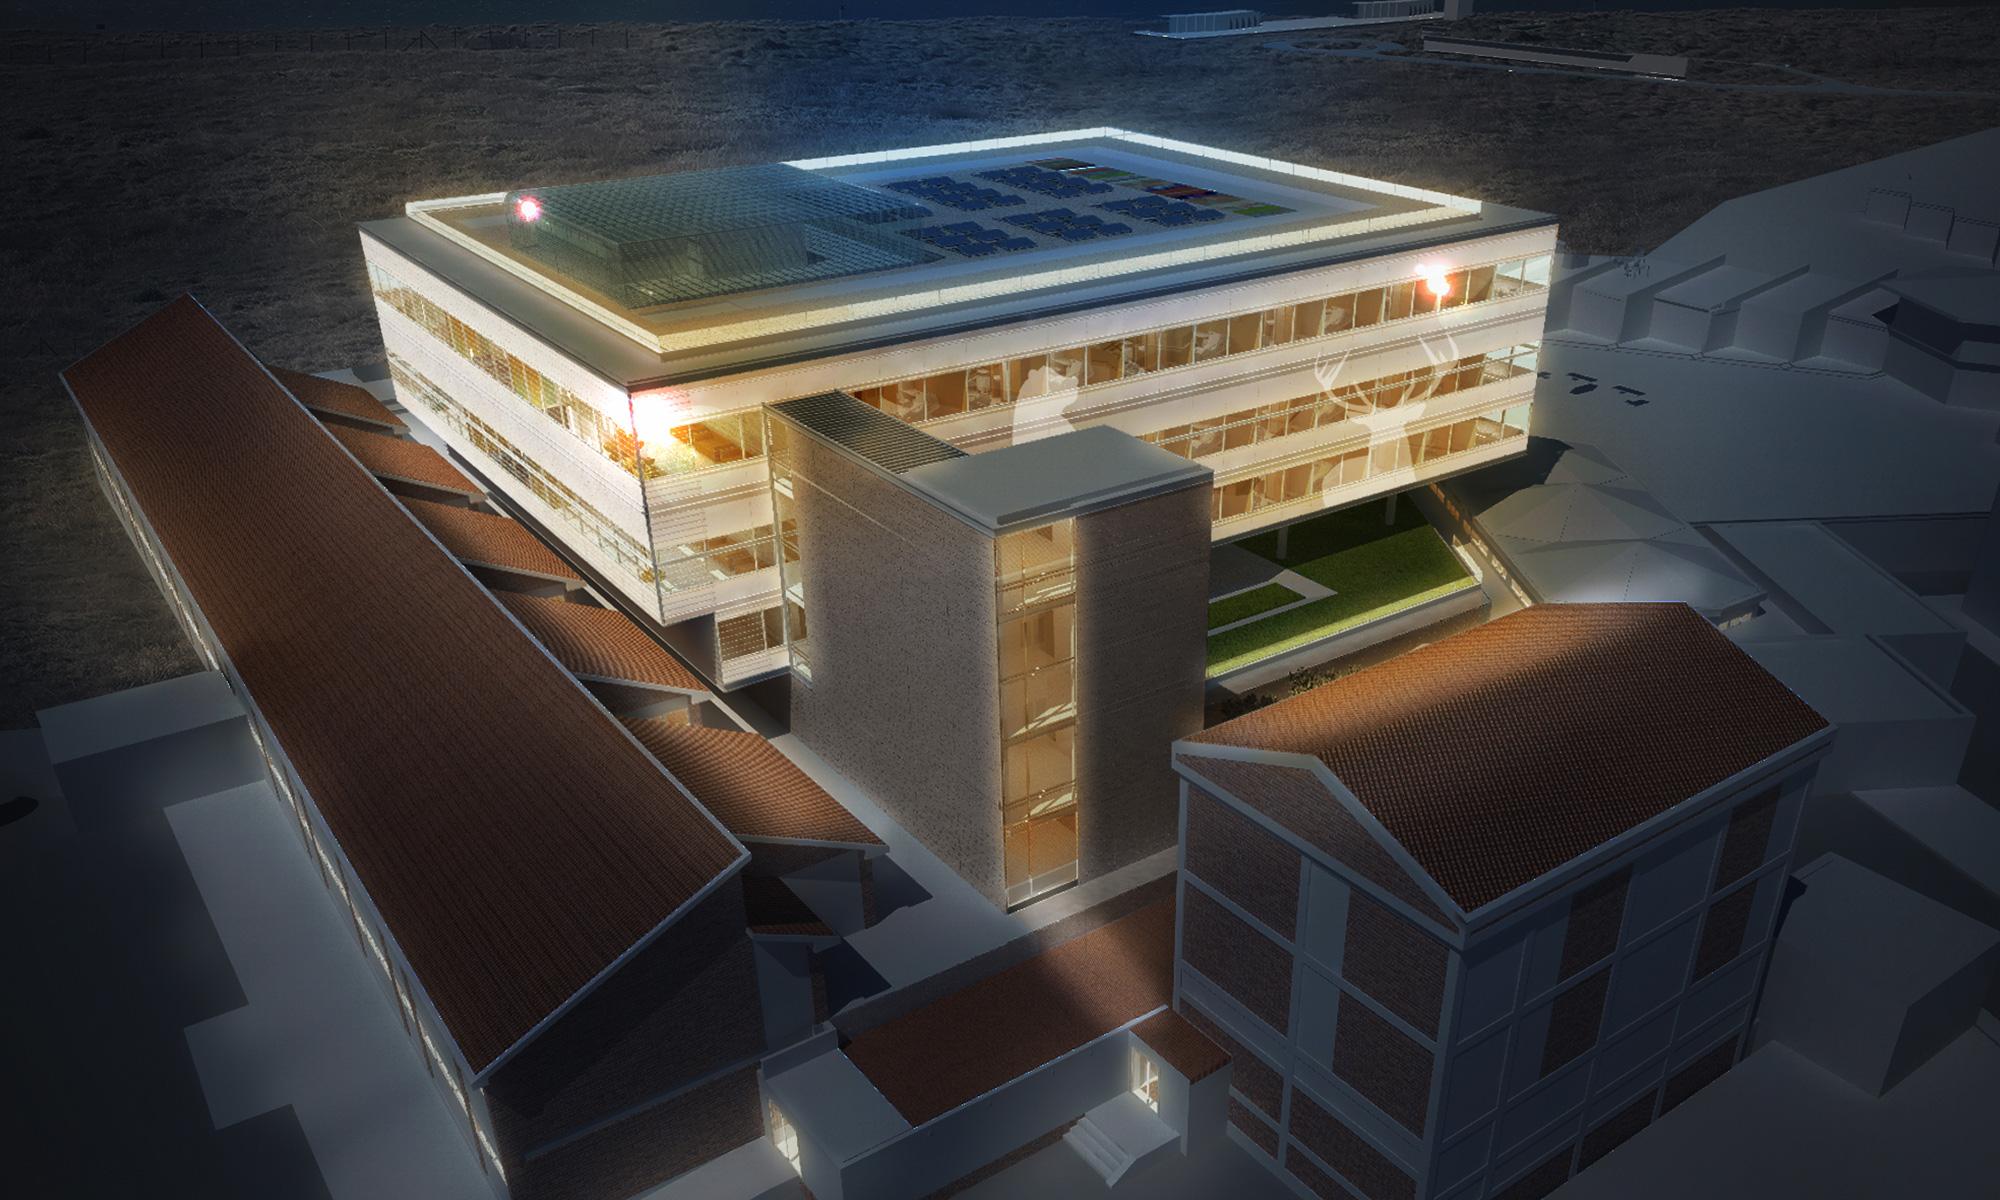 Architetto Cecilia Morini, Binini Partners , Società di architettura e ingegneria, Reggio Emilia, Italia